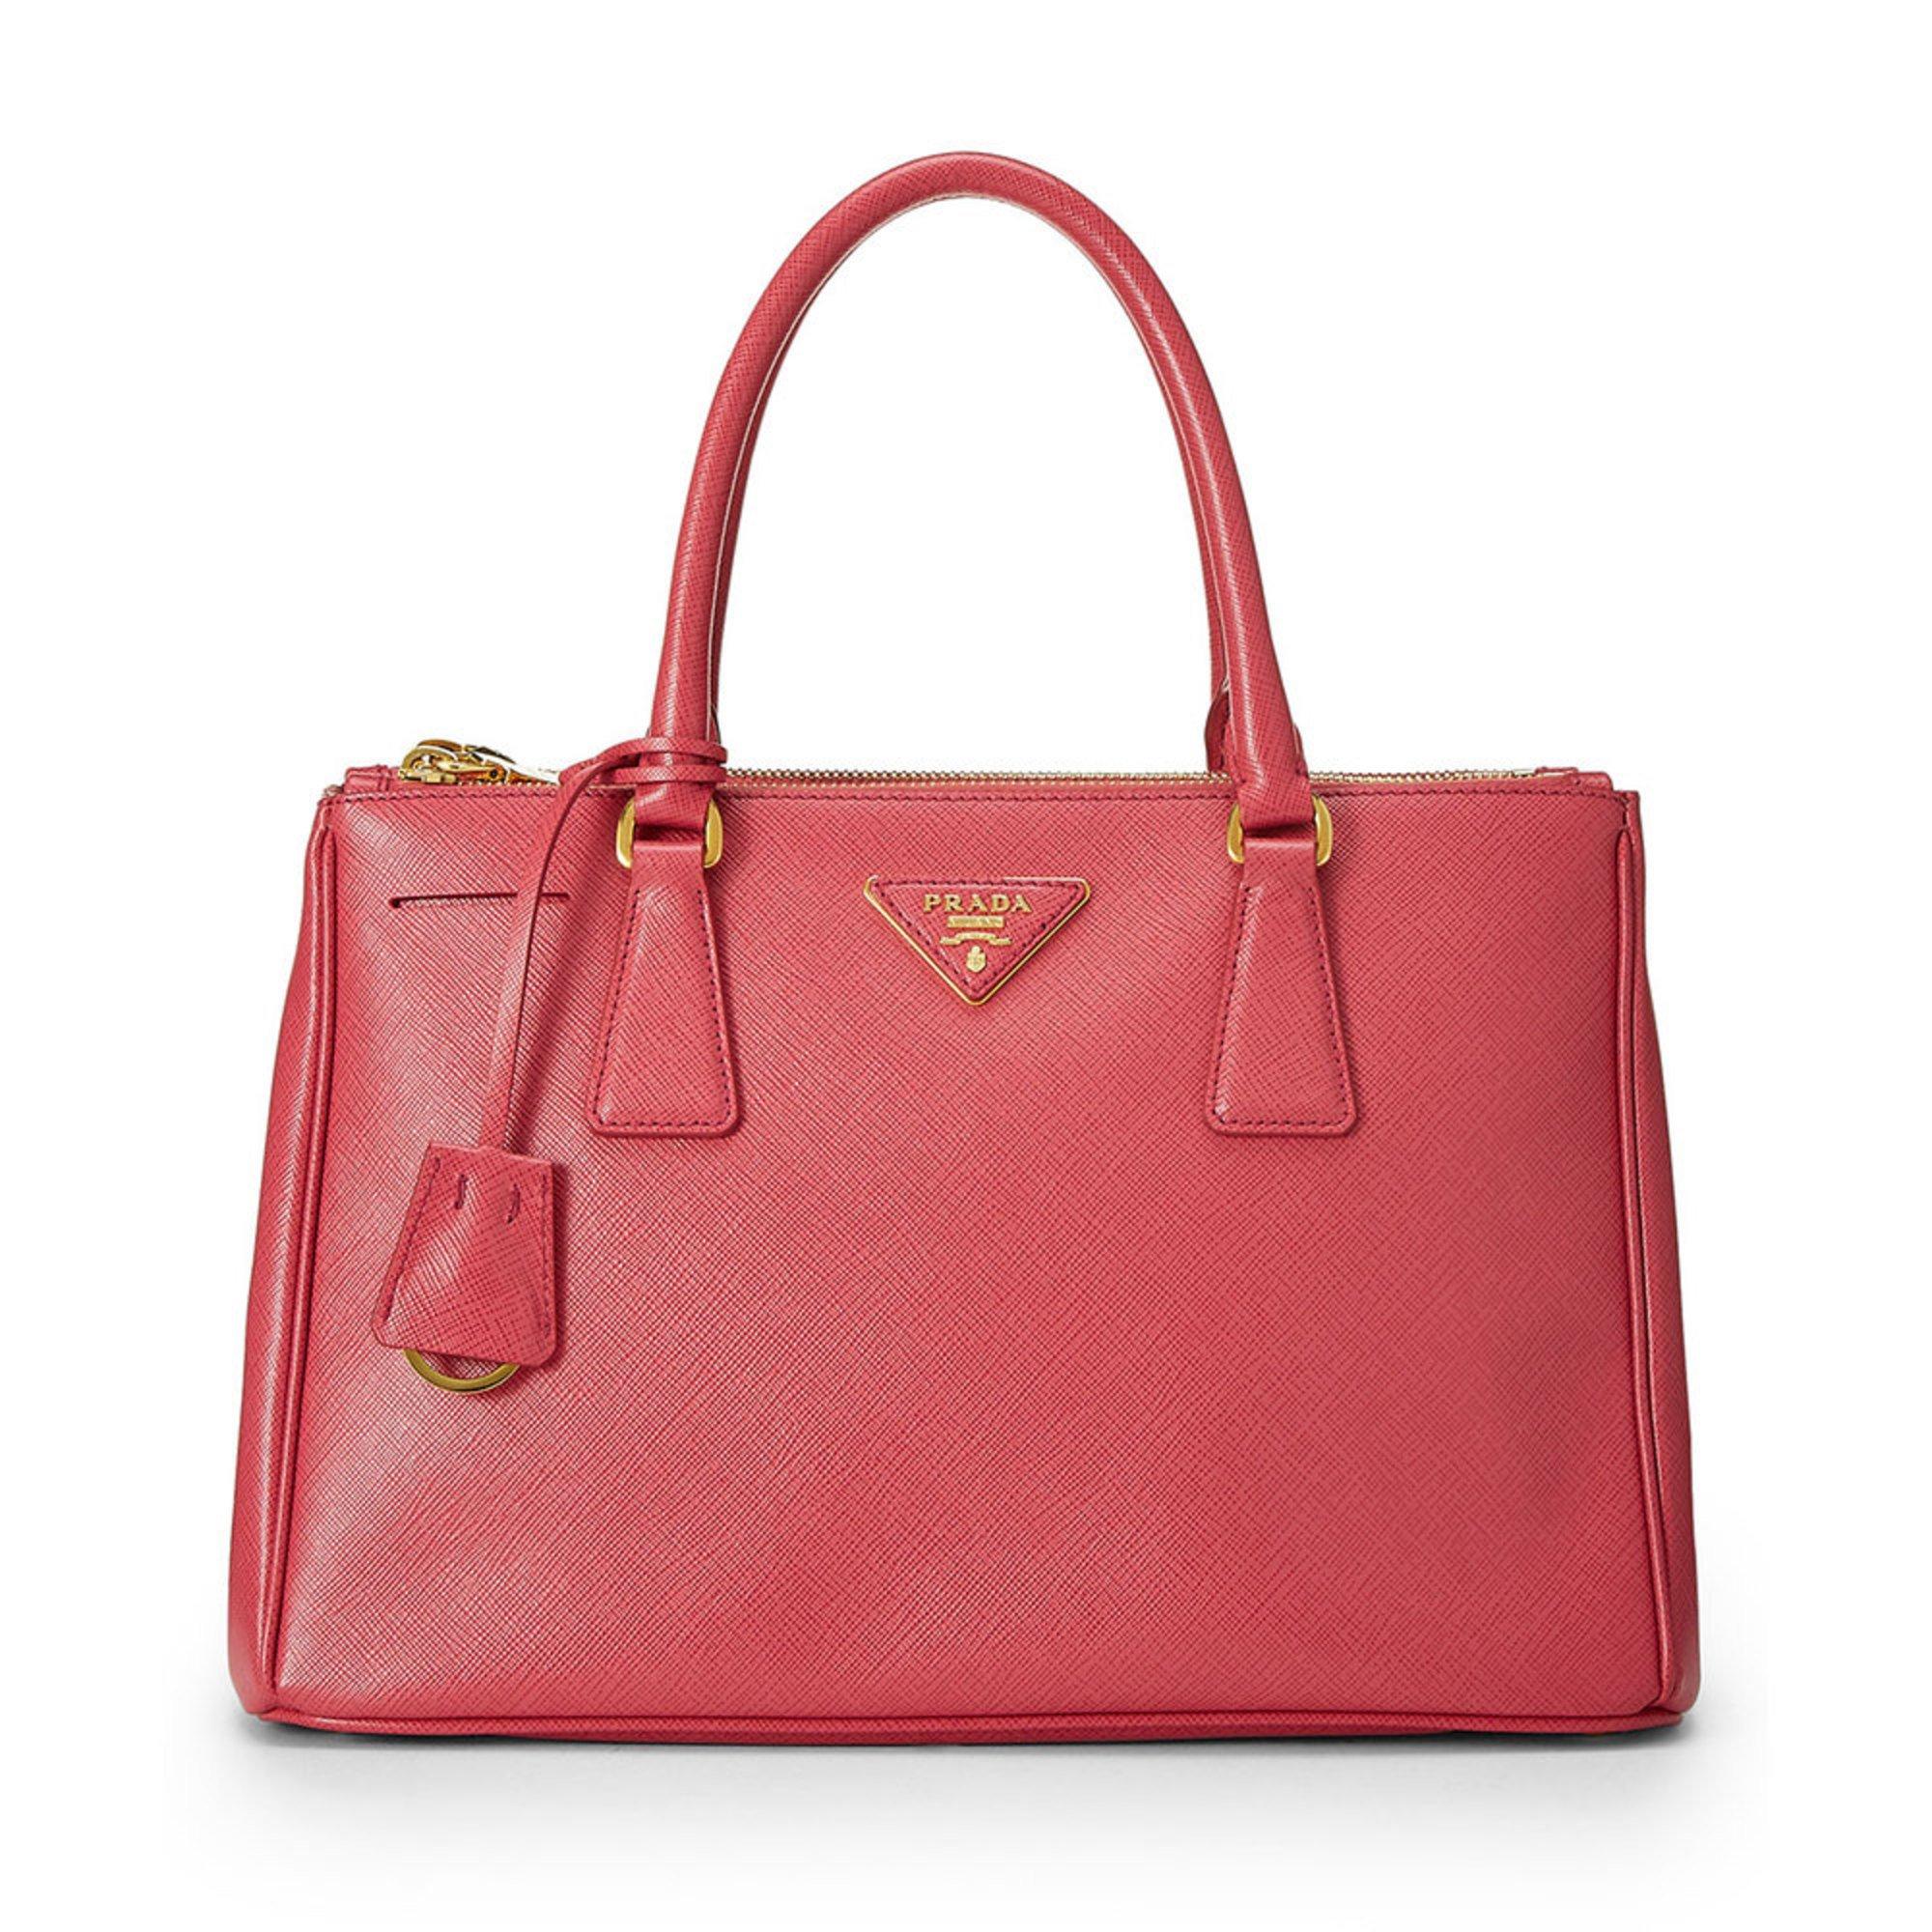 130ebe0e782dbf Prada Pink Saffiano Executive Tote Medium   Totes   Accessories ...